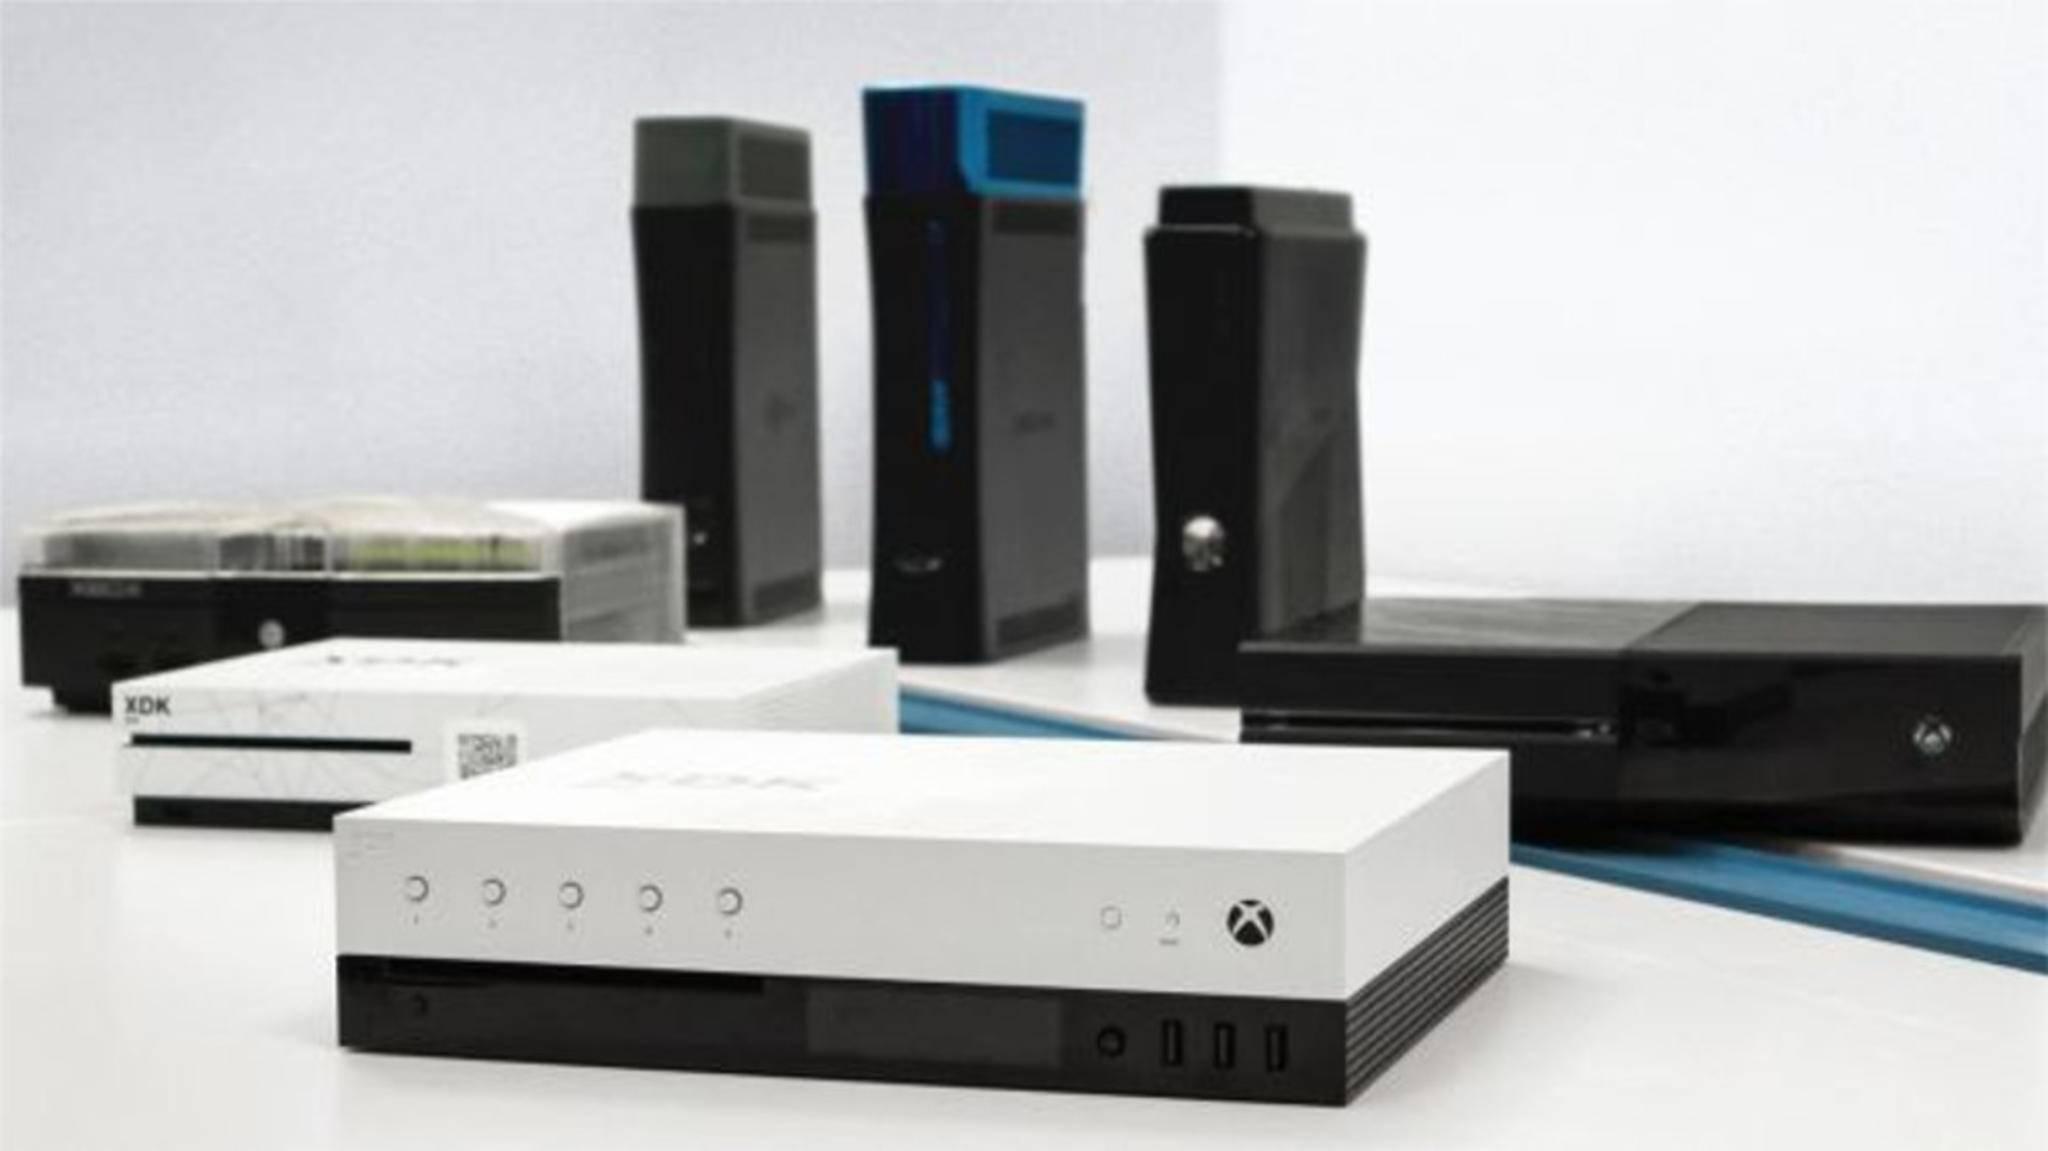 Familienfoto: Das Dev-Kit der Xbox Scorpio im Kreise seiner Vorgänger-Konsolen.